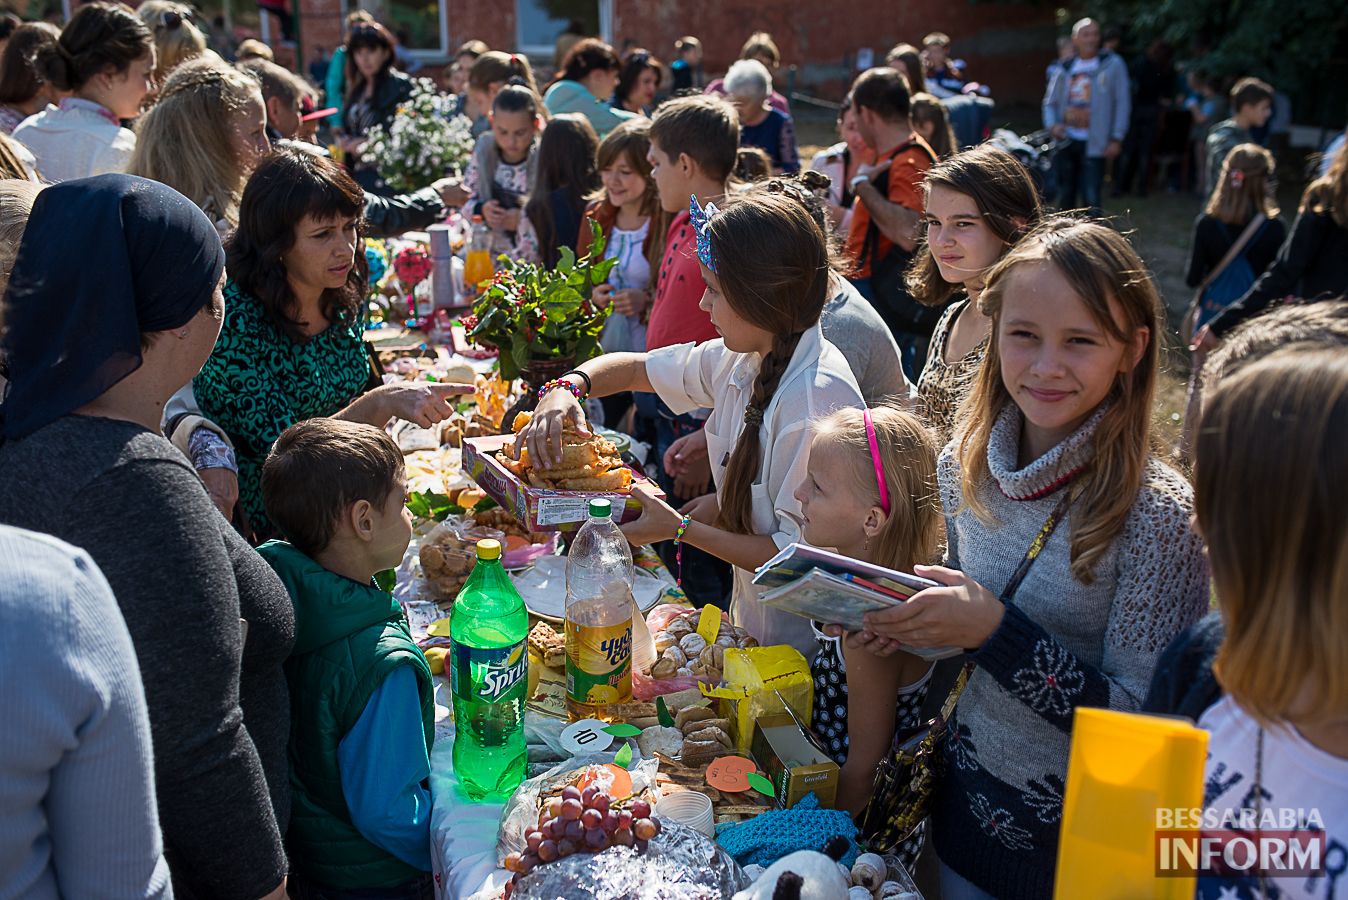 Измаил: в ОШ №16 прошла благотворительная сладкая ярмарка (фото)